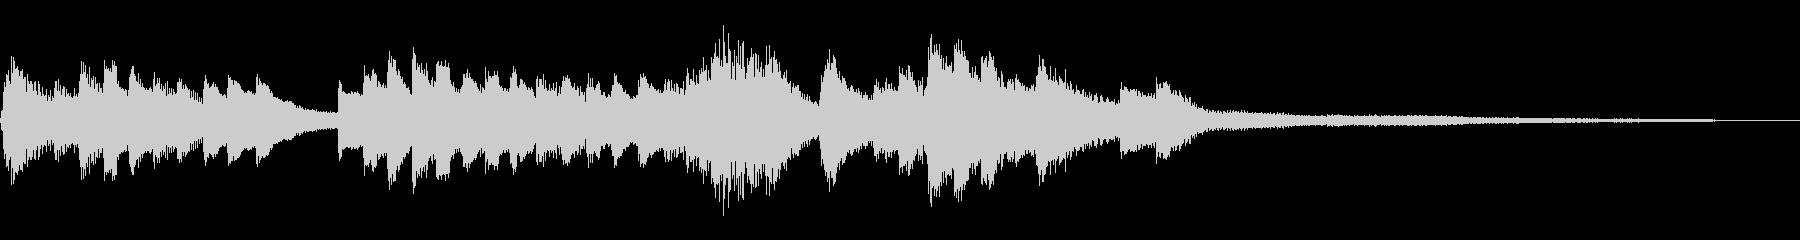 和風のジングル1a-ピアノソロの未再生の波形